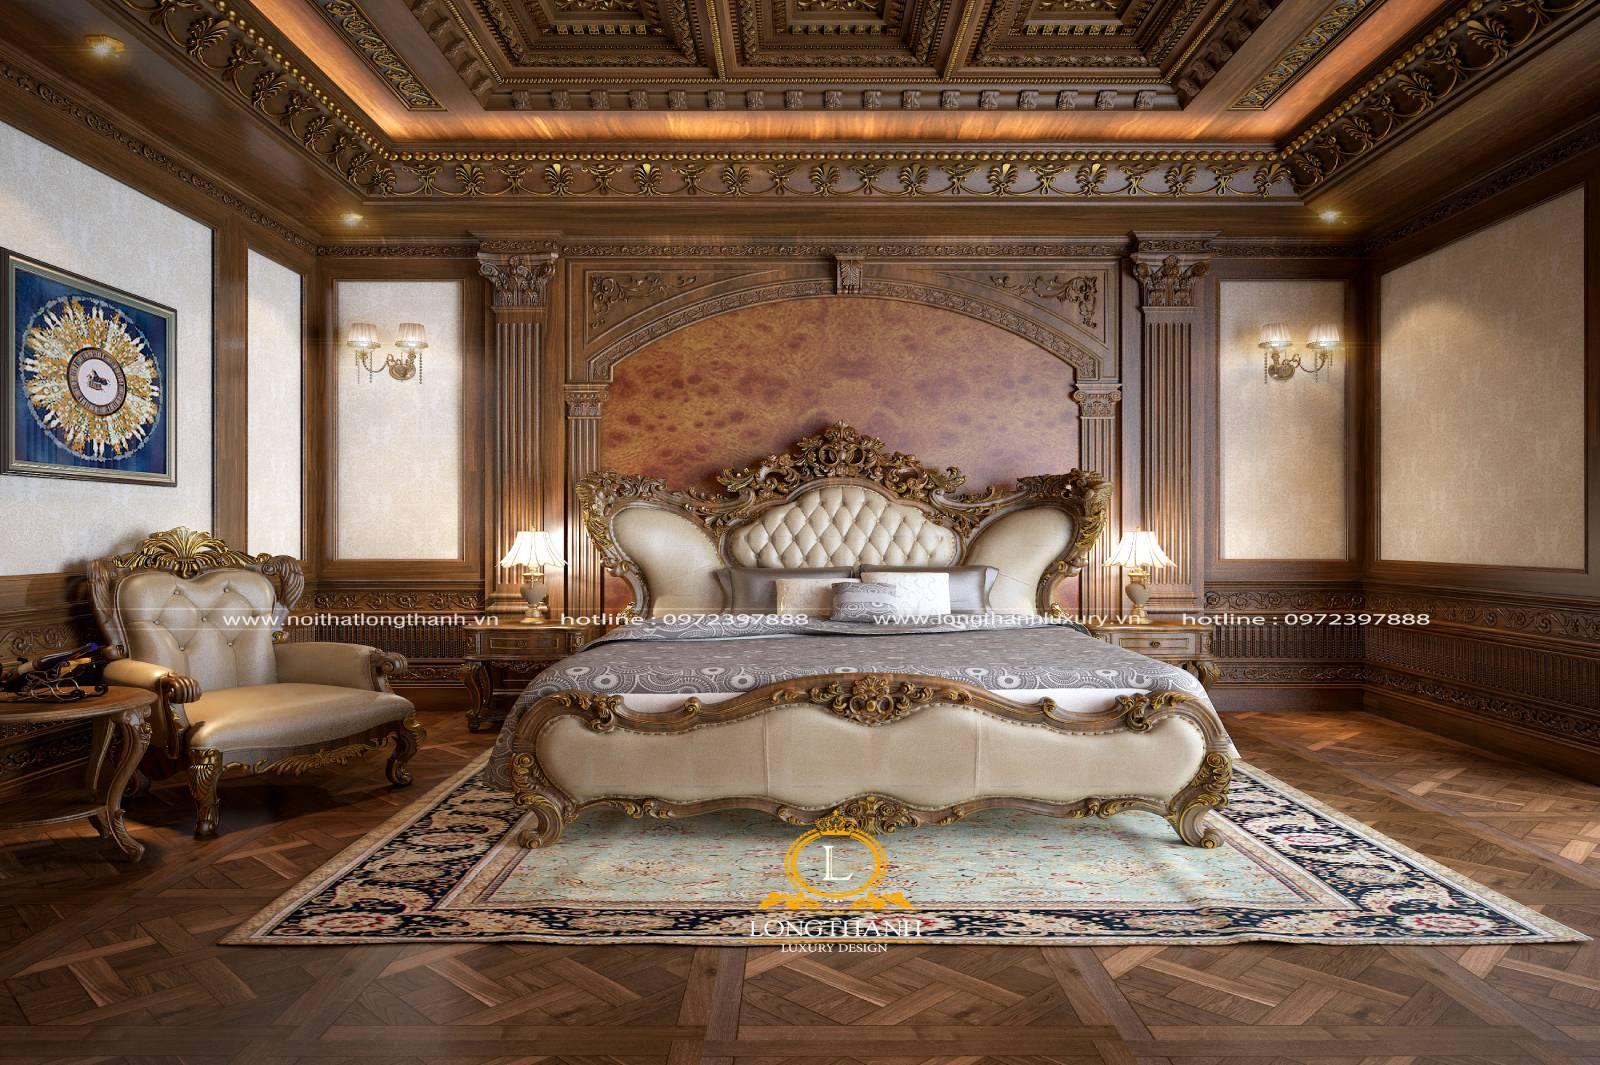 Mẫu sofa nhỏ xinh cho phòng ngủ tân cổ điển